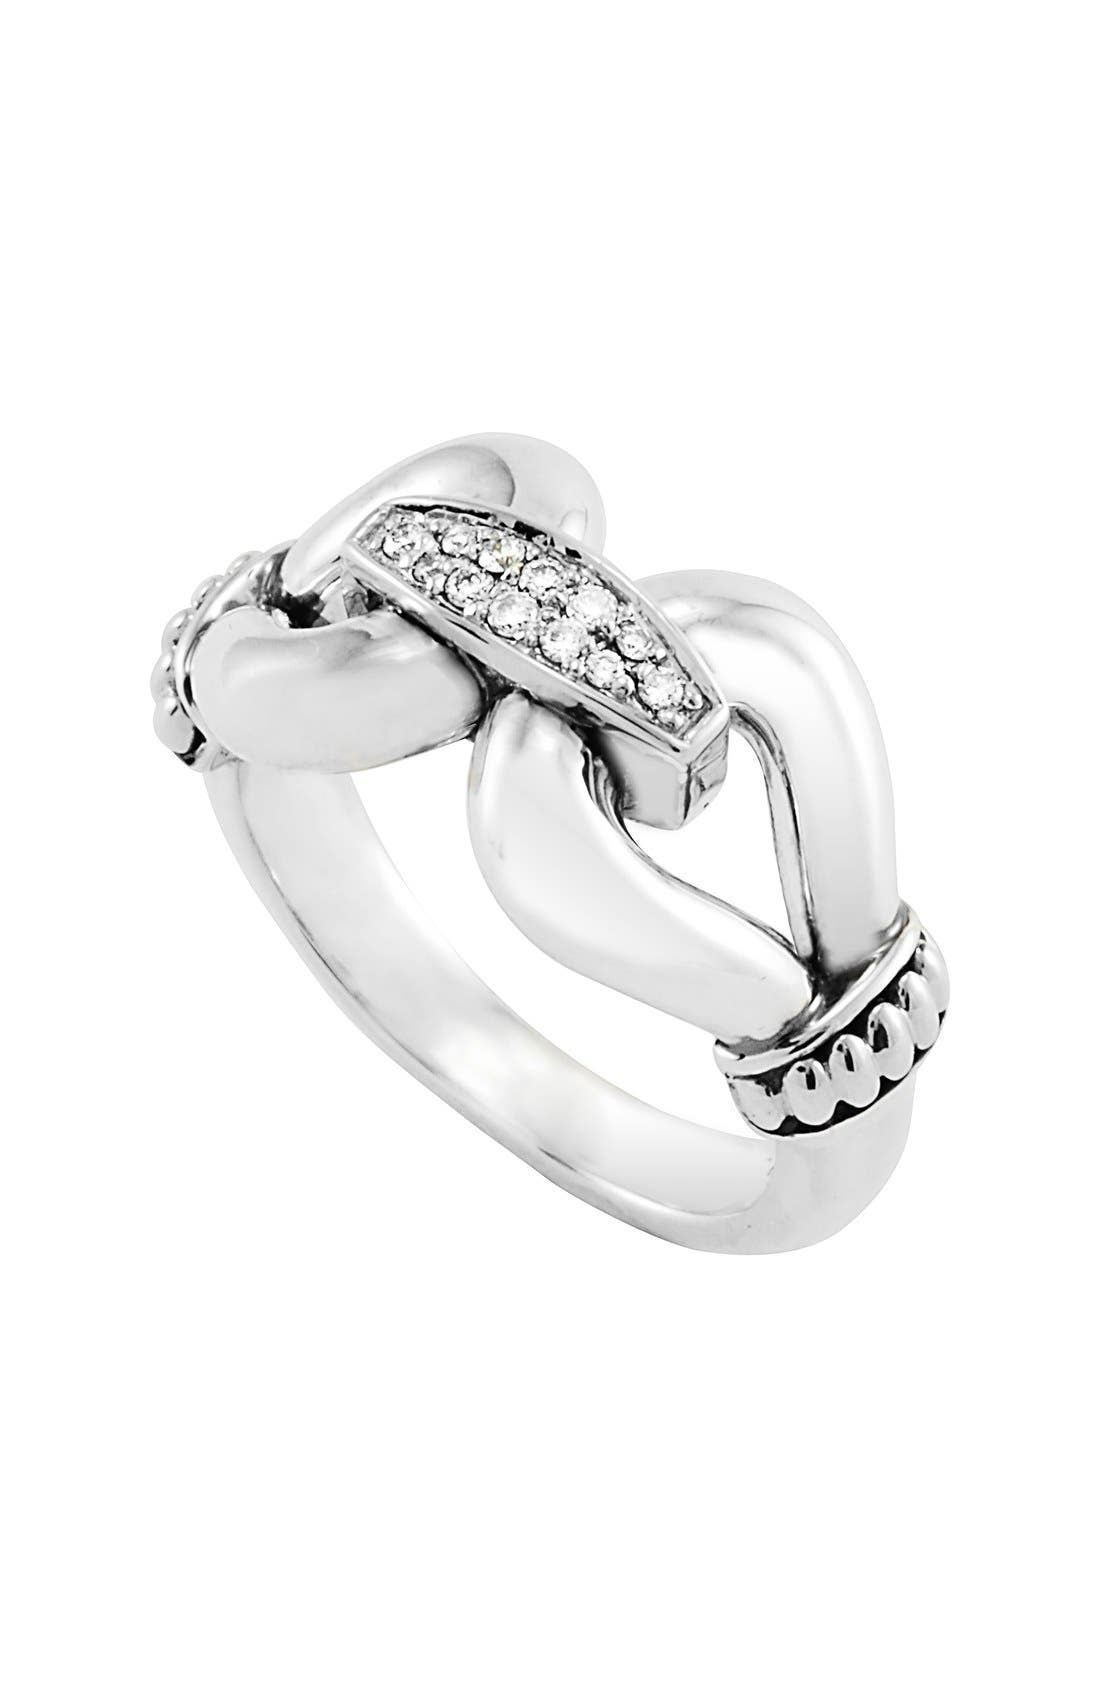 LAGOS 'Derby' Large Diamond Ring